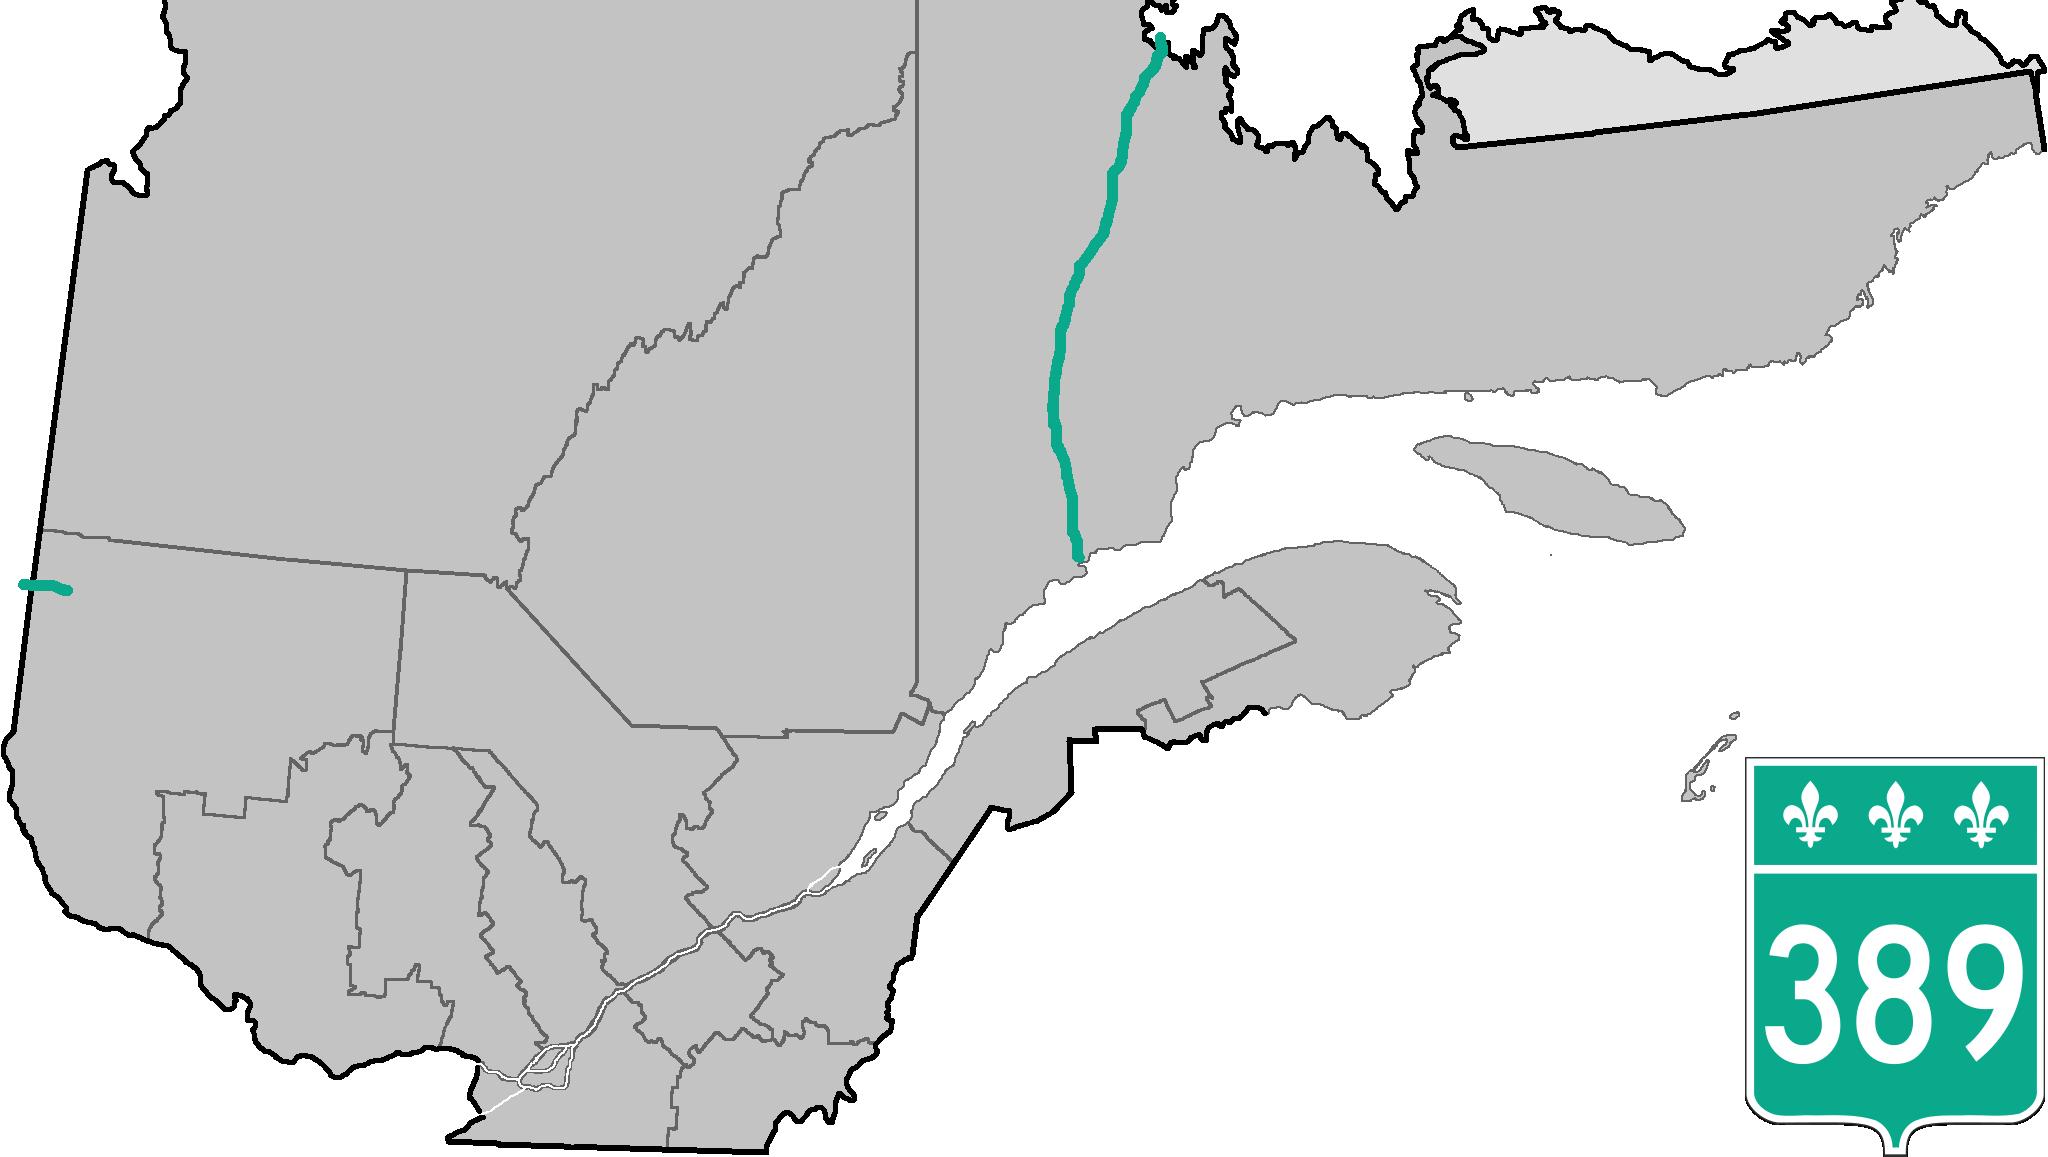 La route 389 au Québec